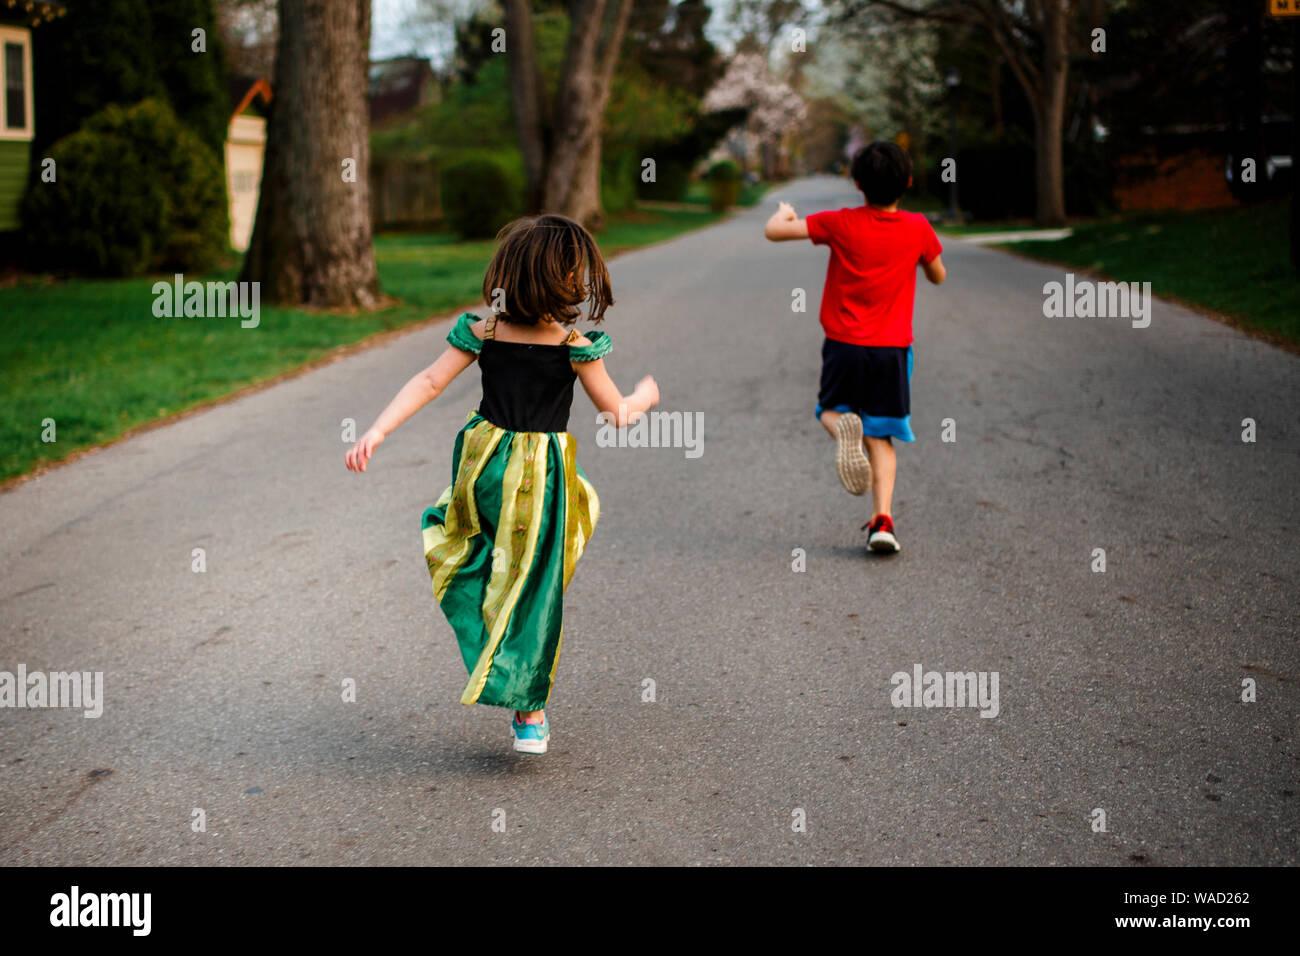 Dos niños saltar alegremente hacia abajo en una calle bordeada de árboles en primavera Foto de stock